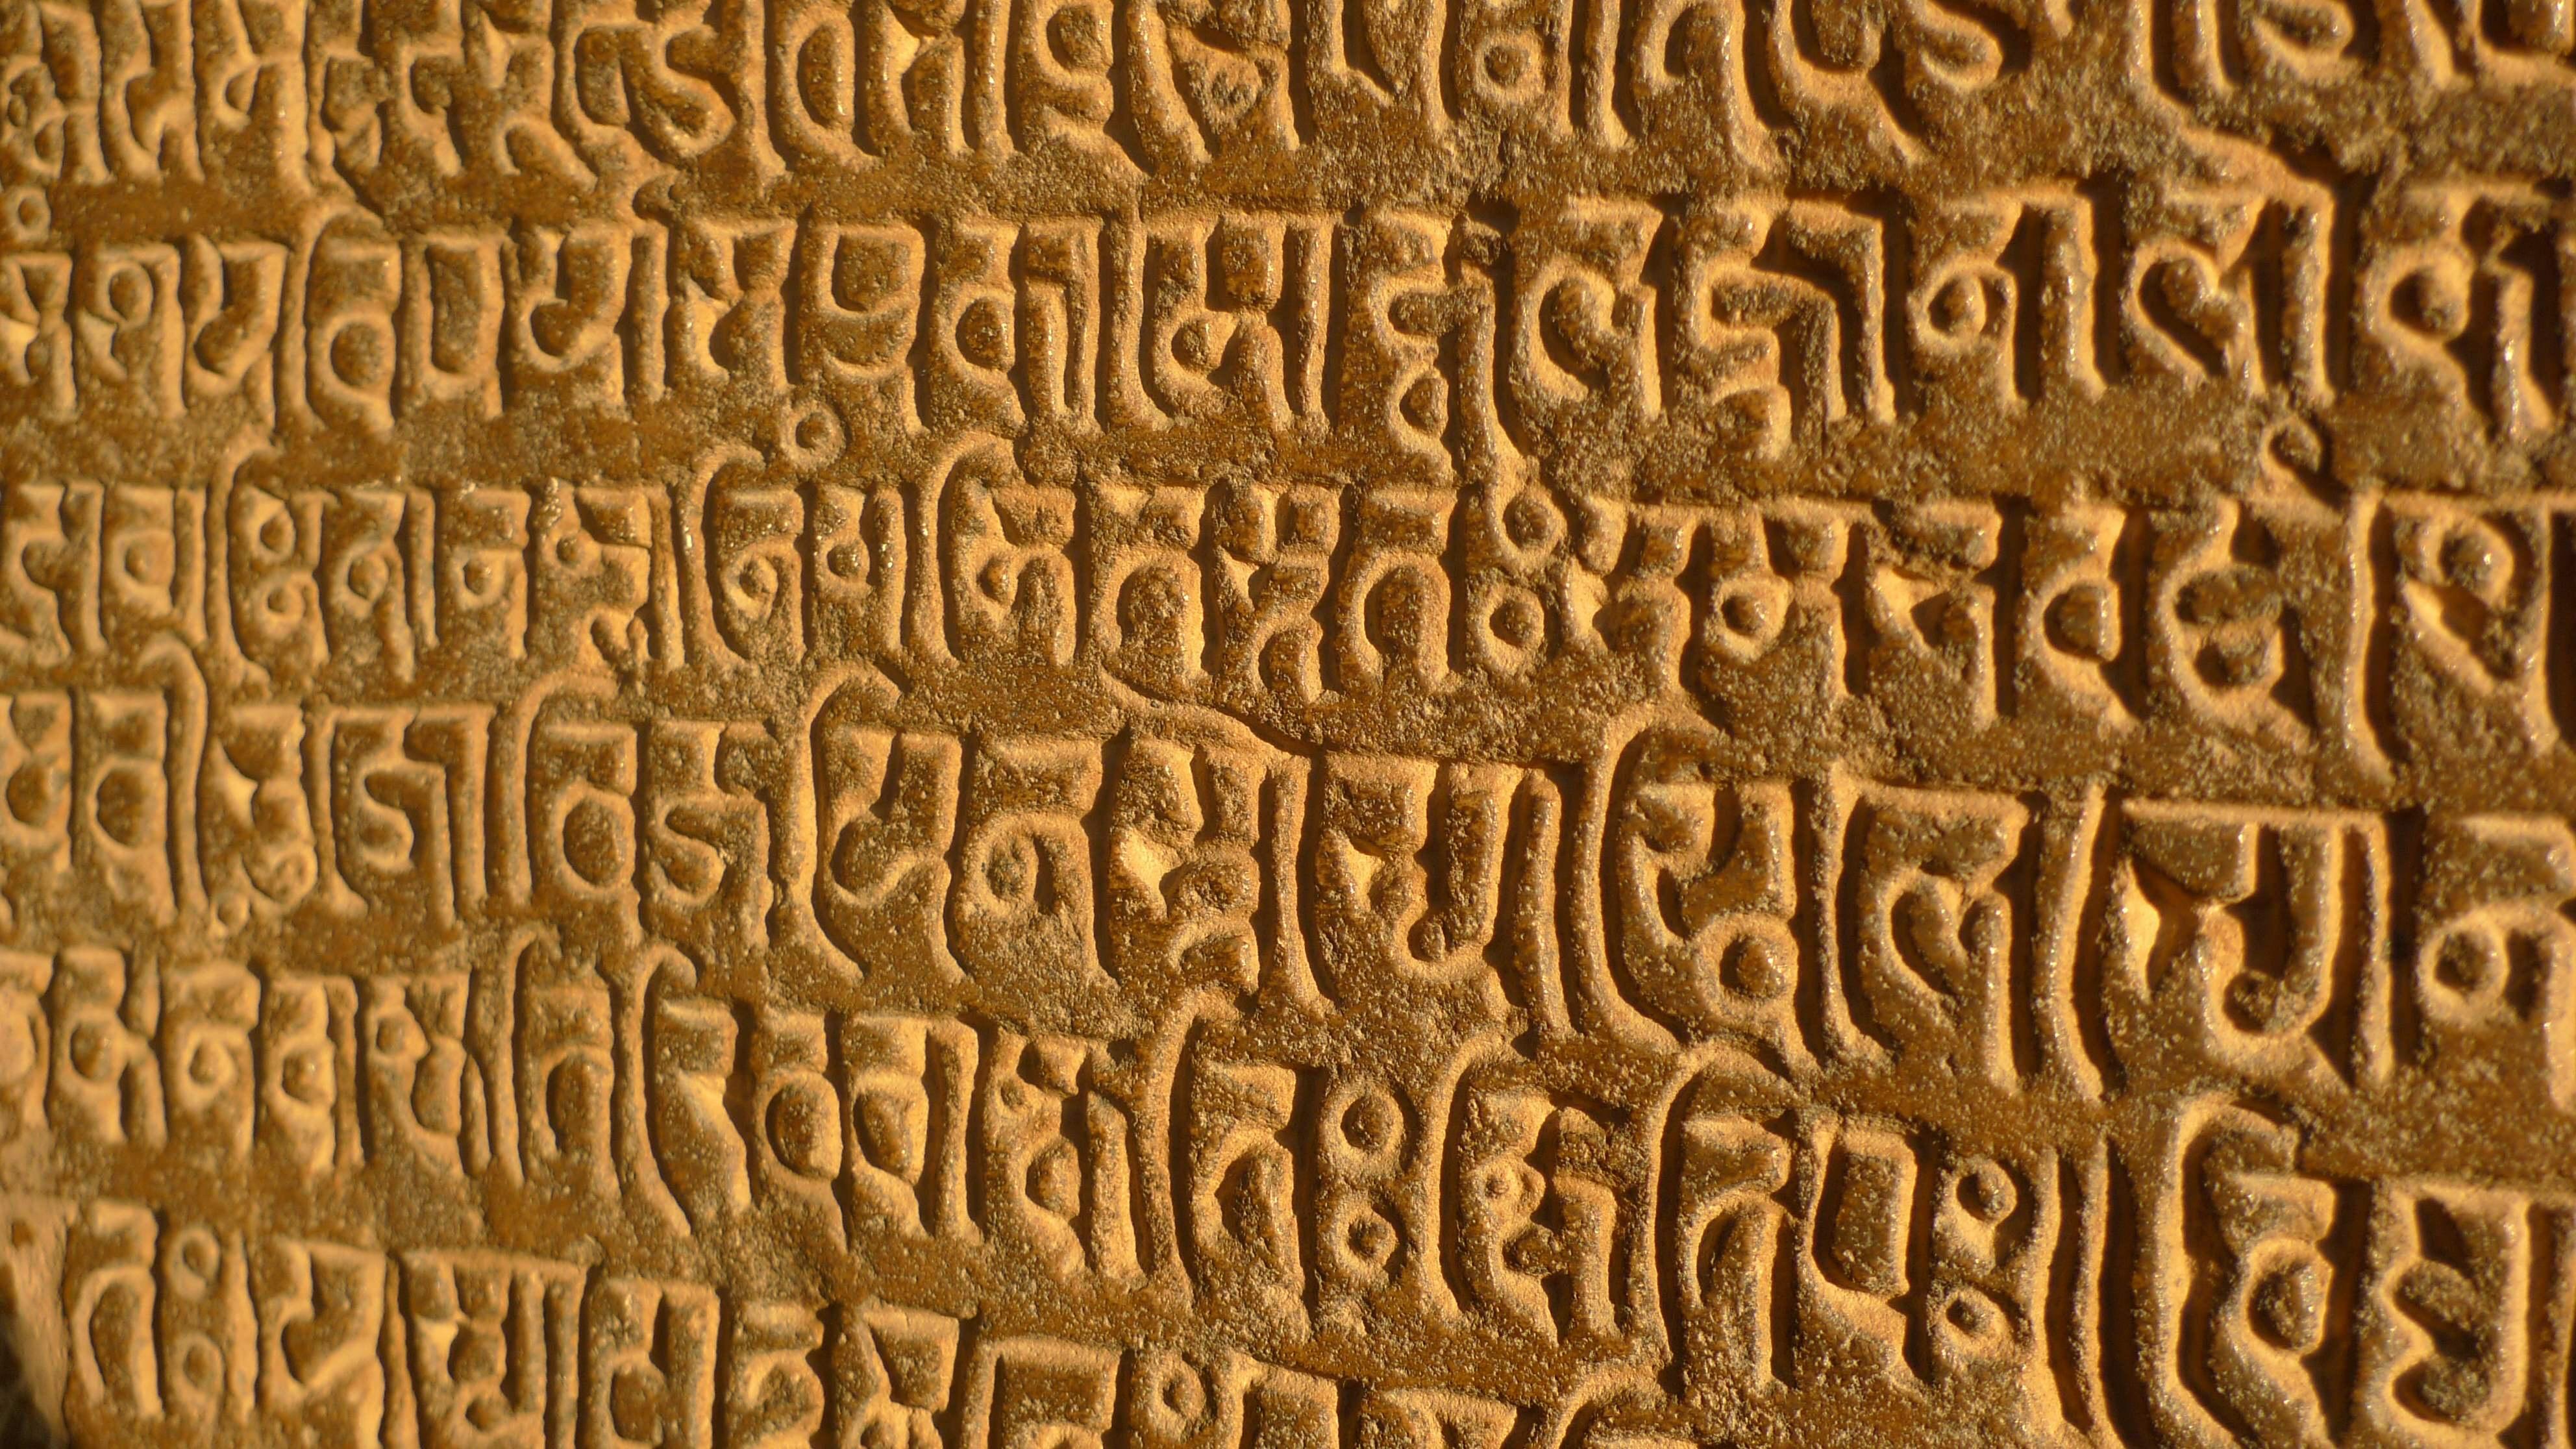 Bakgrundsbilder font text träsnideri lättnad stele